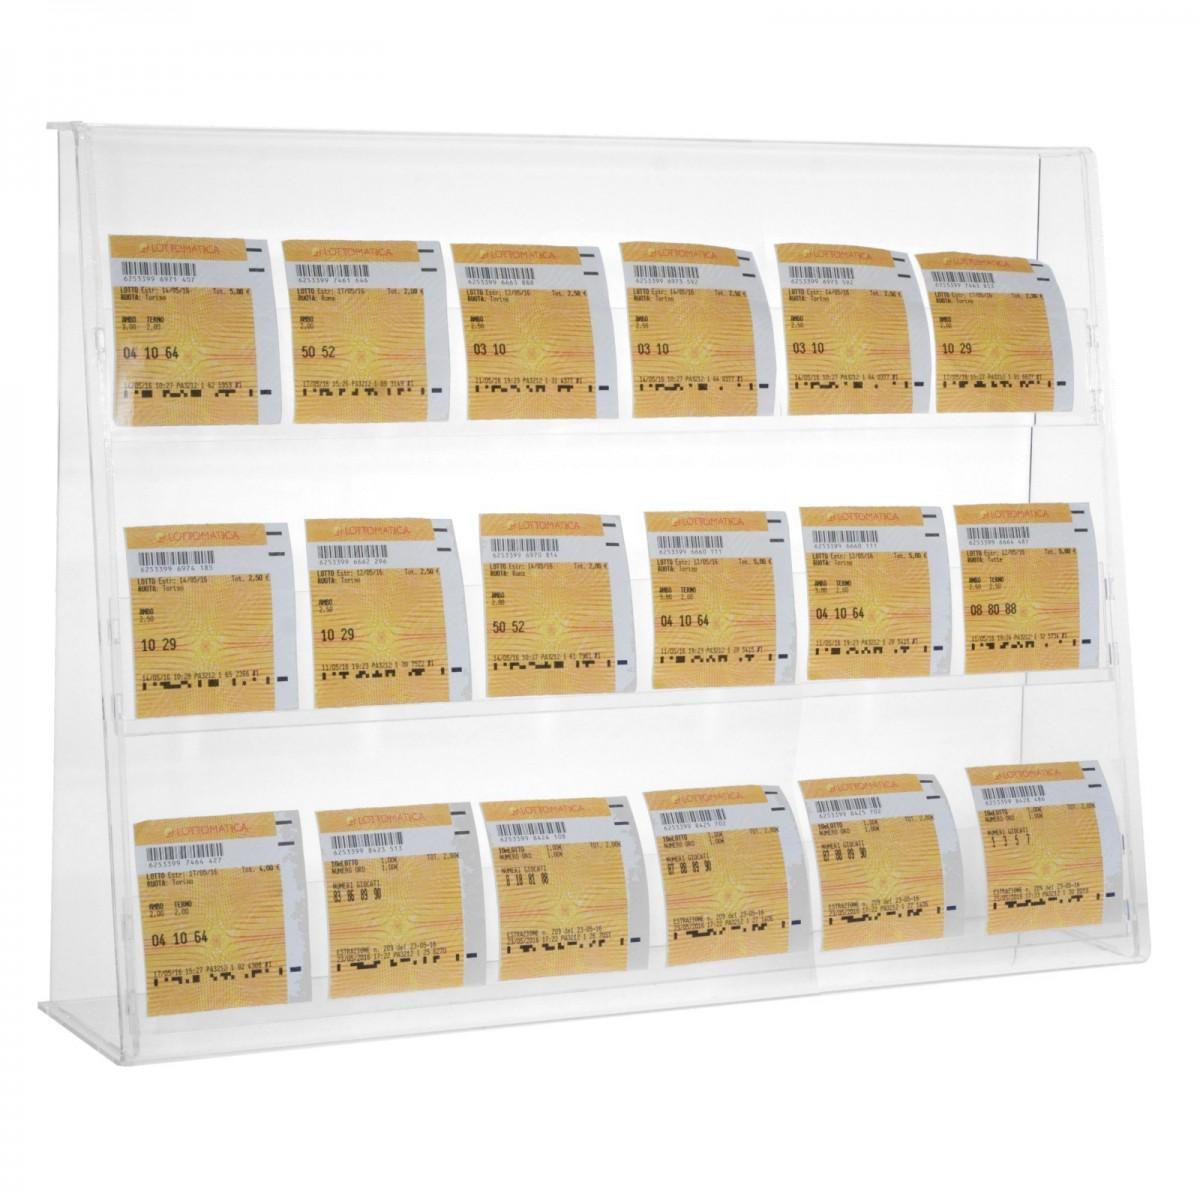 E-401 ECB-B - Espositore porta cedole giocate a 3 tasche realizzato in plexiglass trasparente